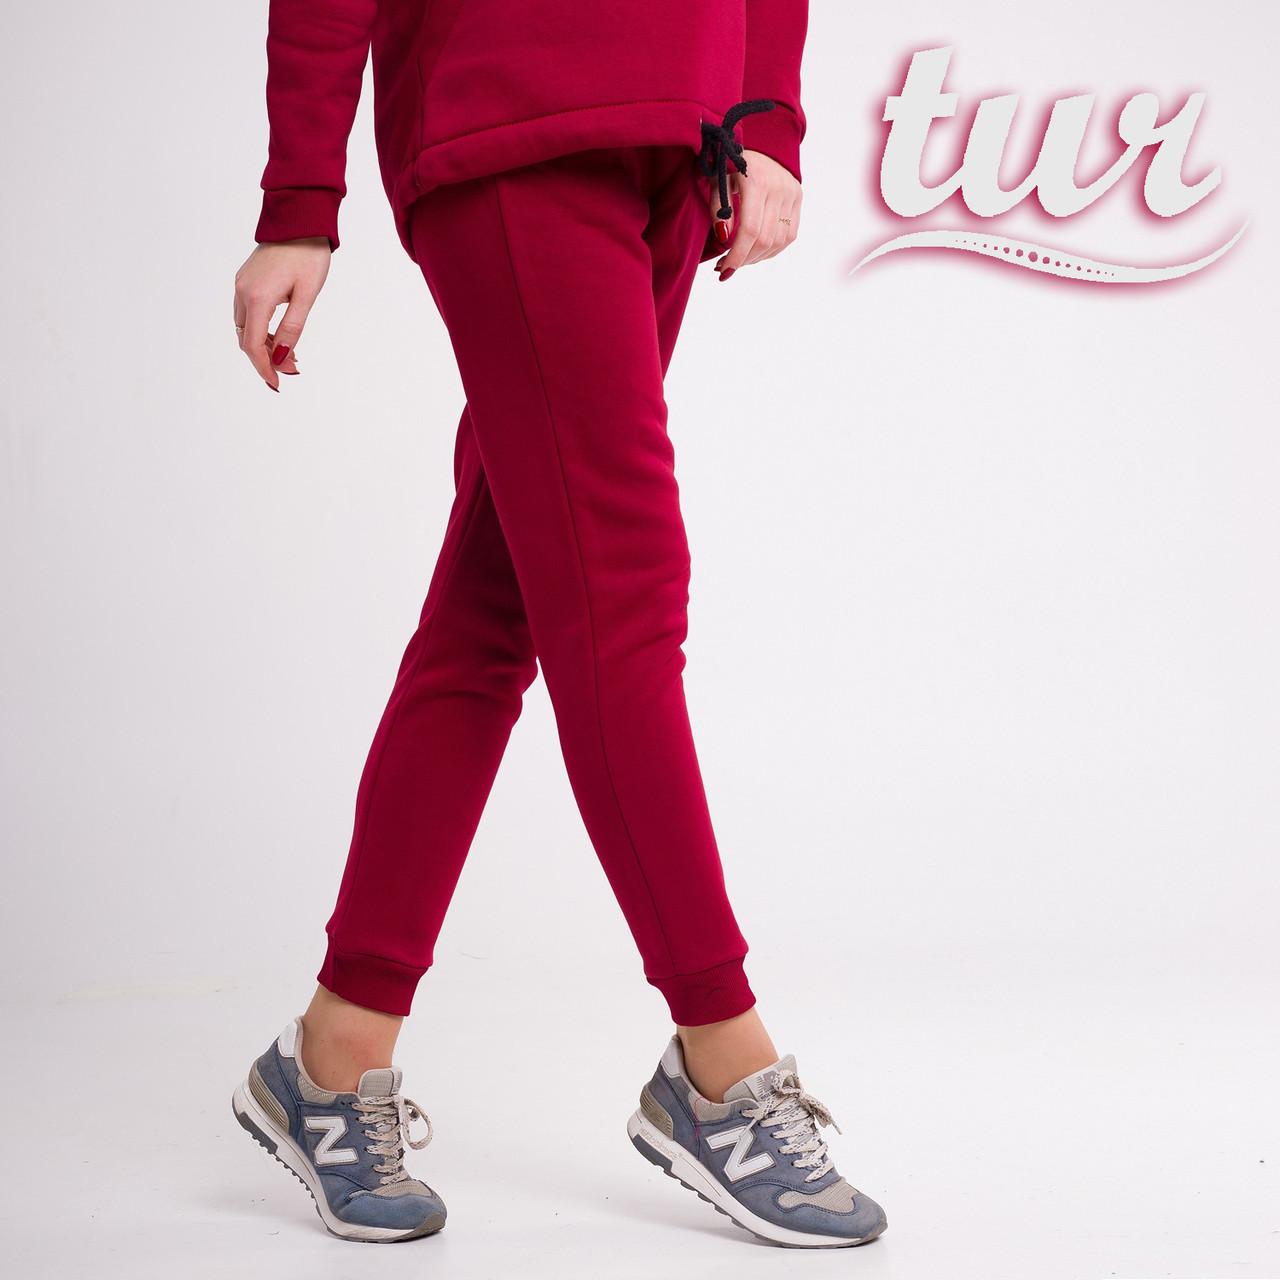 Зимове спортивні штани жіночі бордові від бренду ТУР розмір S, M